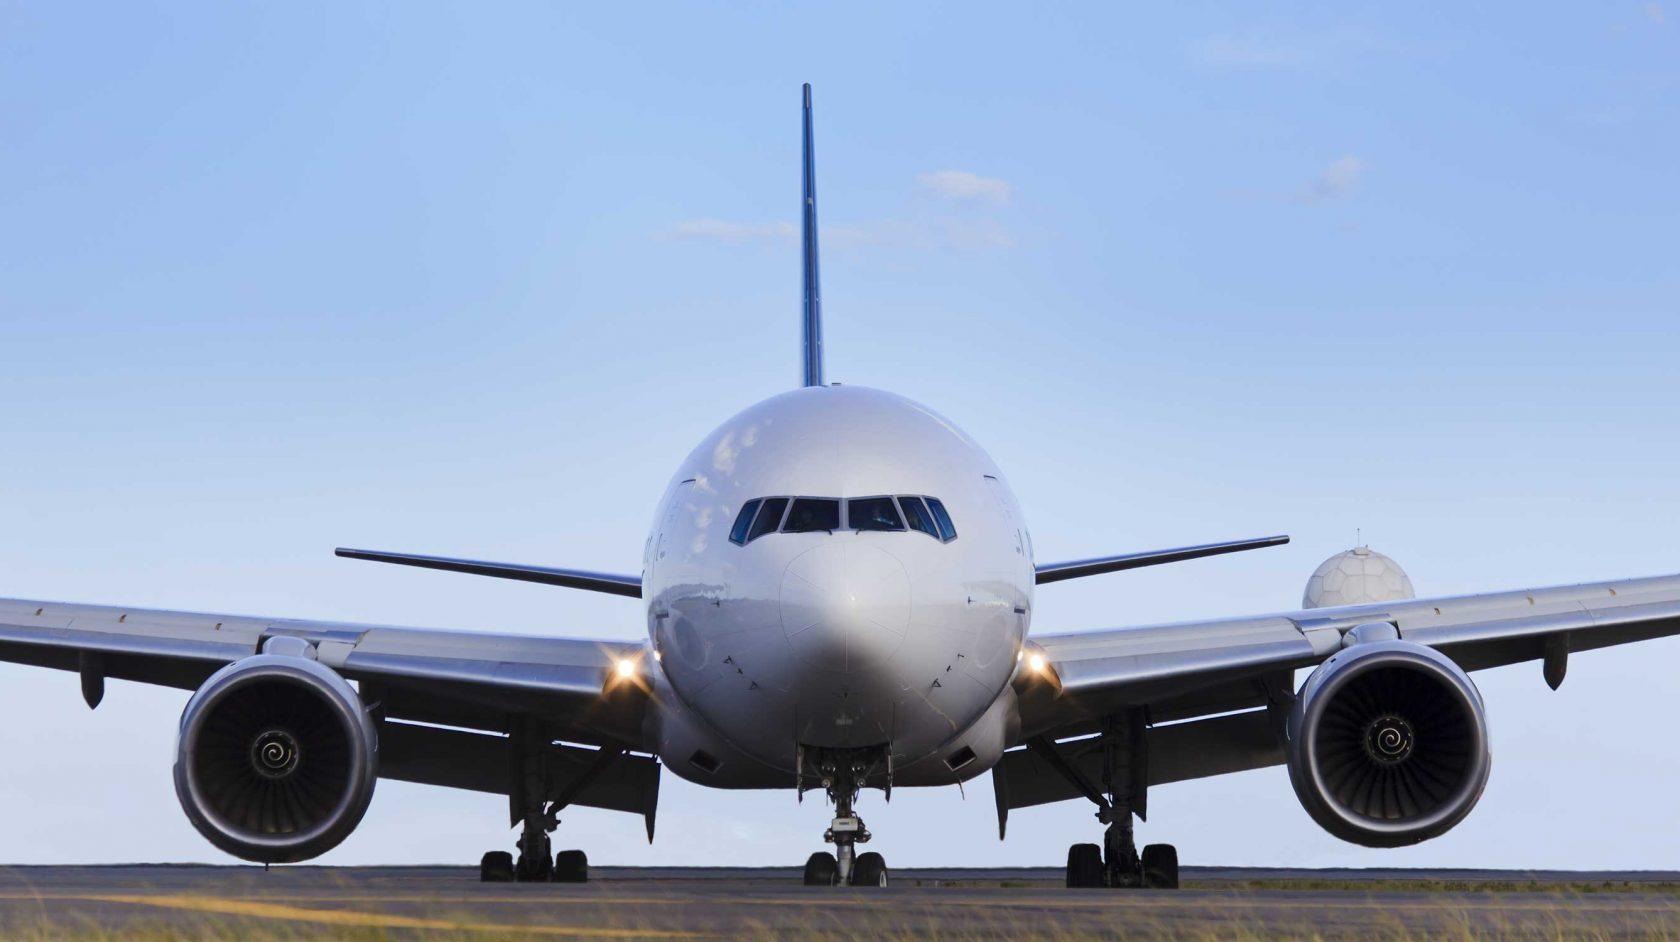 Elko Nv Airport Car Rental